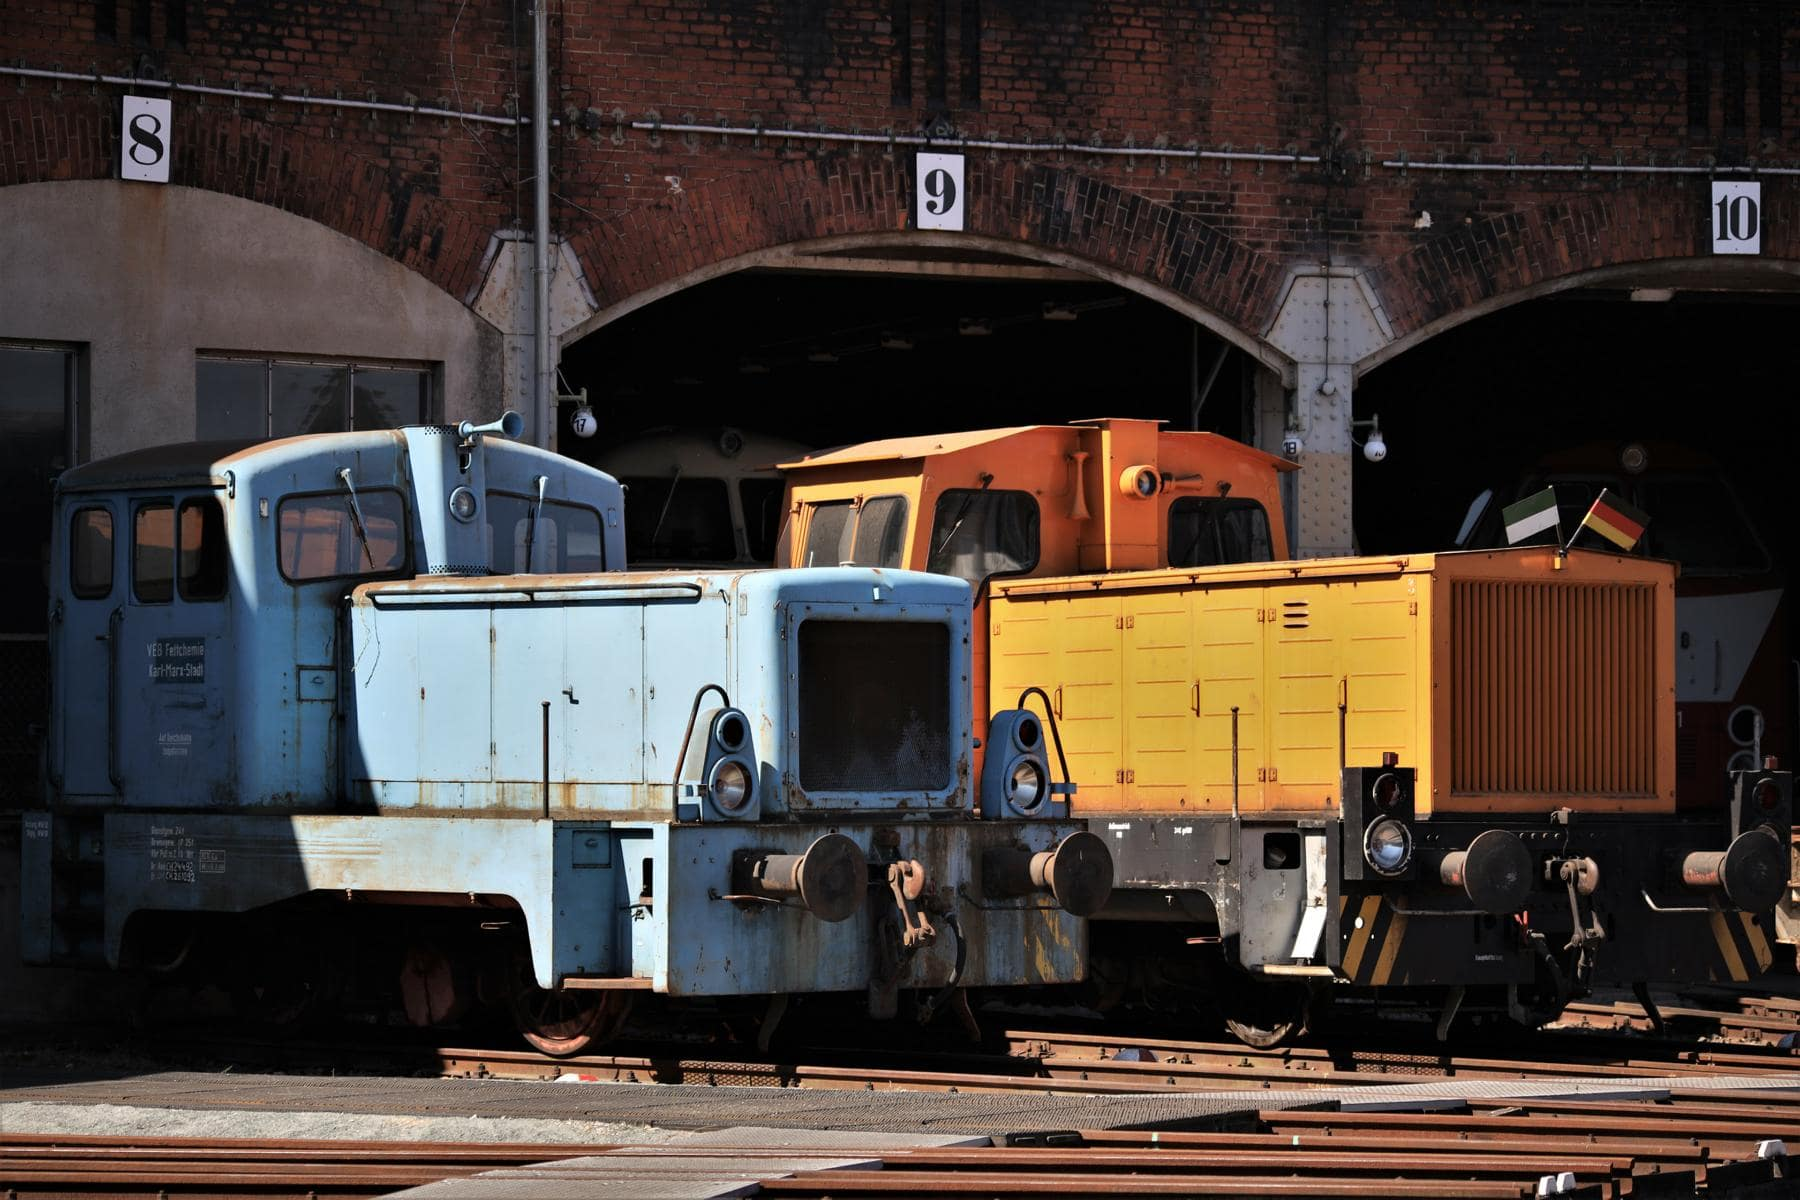 ©Foto: Christian Wodzinski | railmen | Etwa ein Dutzend Diesellokomotiven verschiedener Leistungsklassen gehören zur Fahrzeugsammlung.